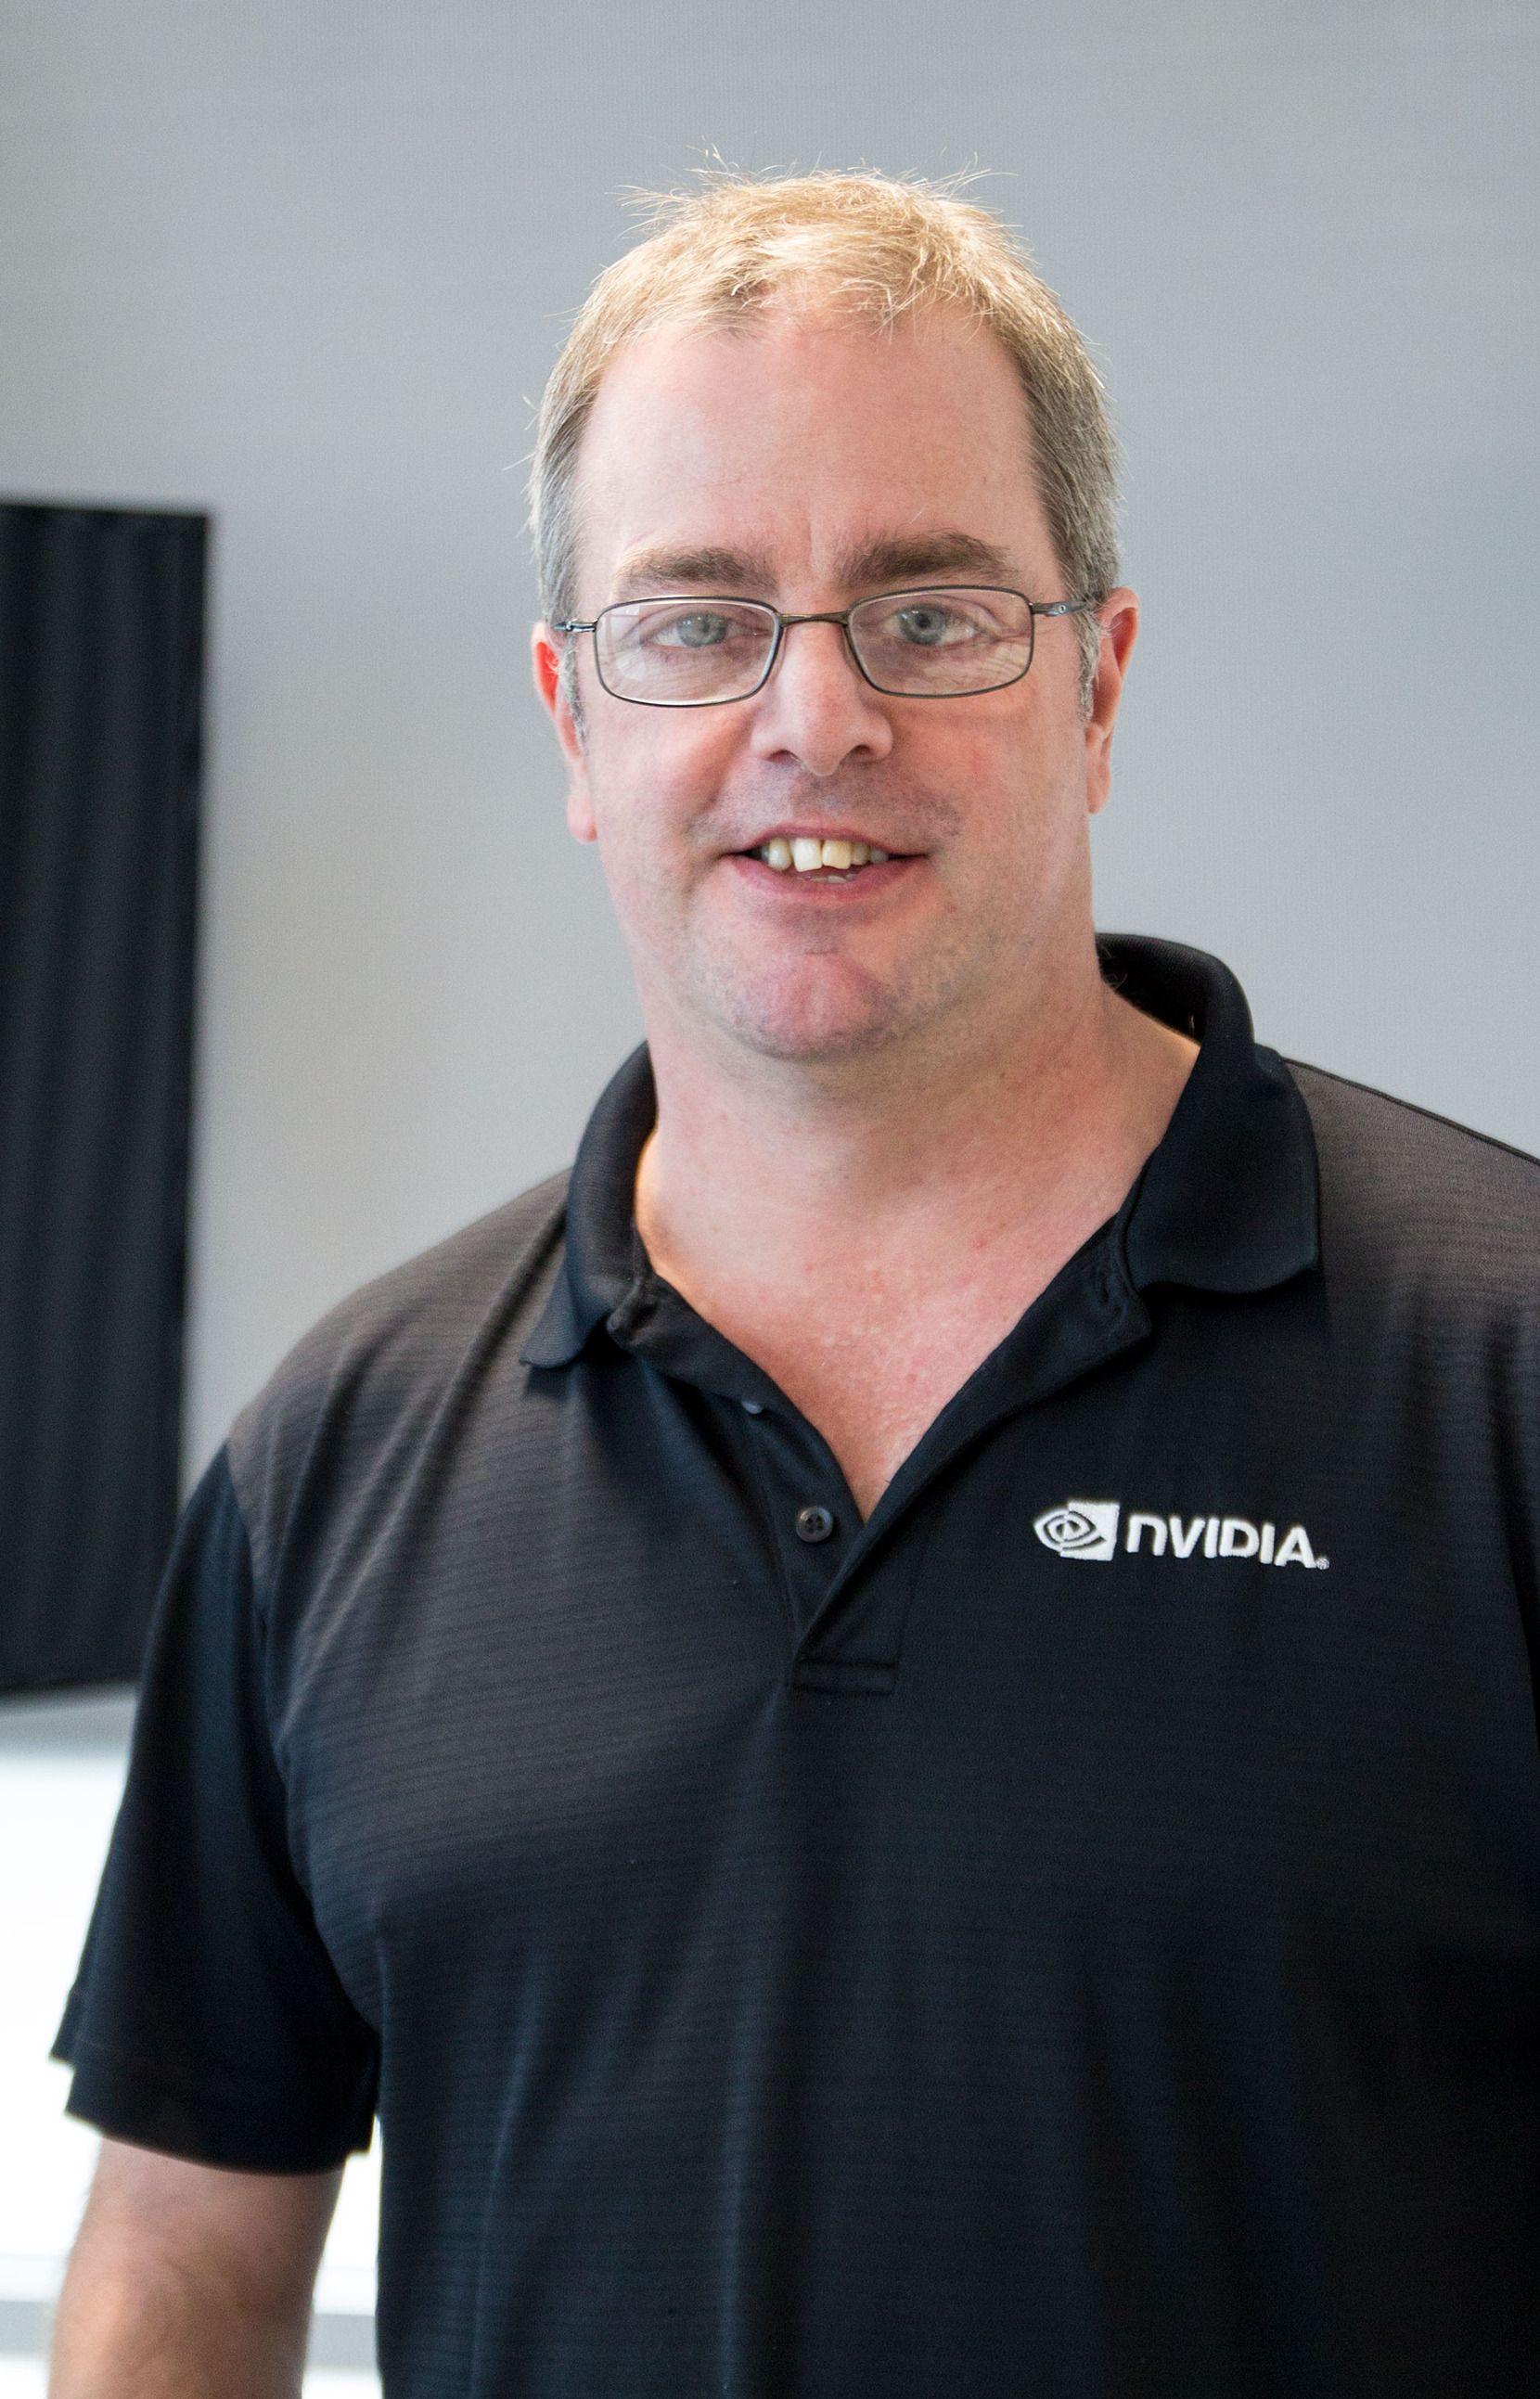 Tom Petersen, teknisk markedsføringssjef hos Nvidia, er mannen som fant opp G-Sync.